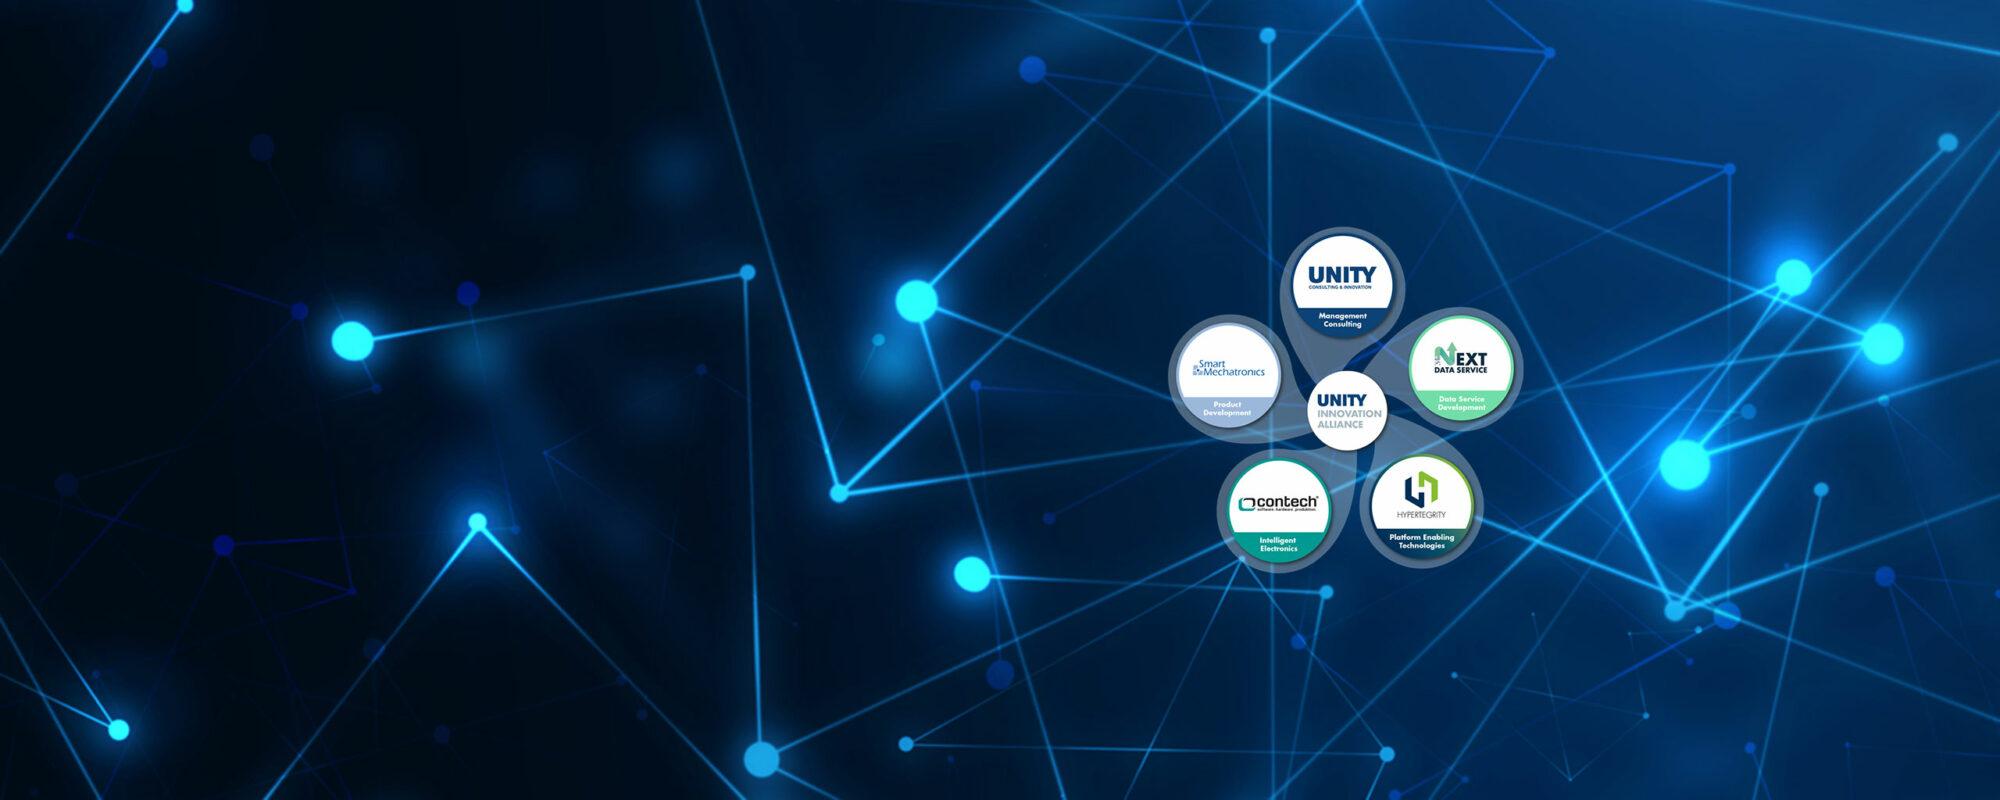 UNITY Innovation Alliance Kleeblatt mit allen Mitliedern auf blauem Hintergrund